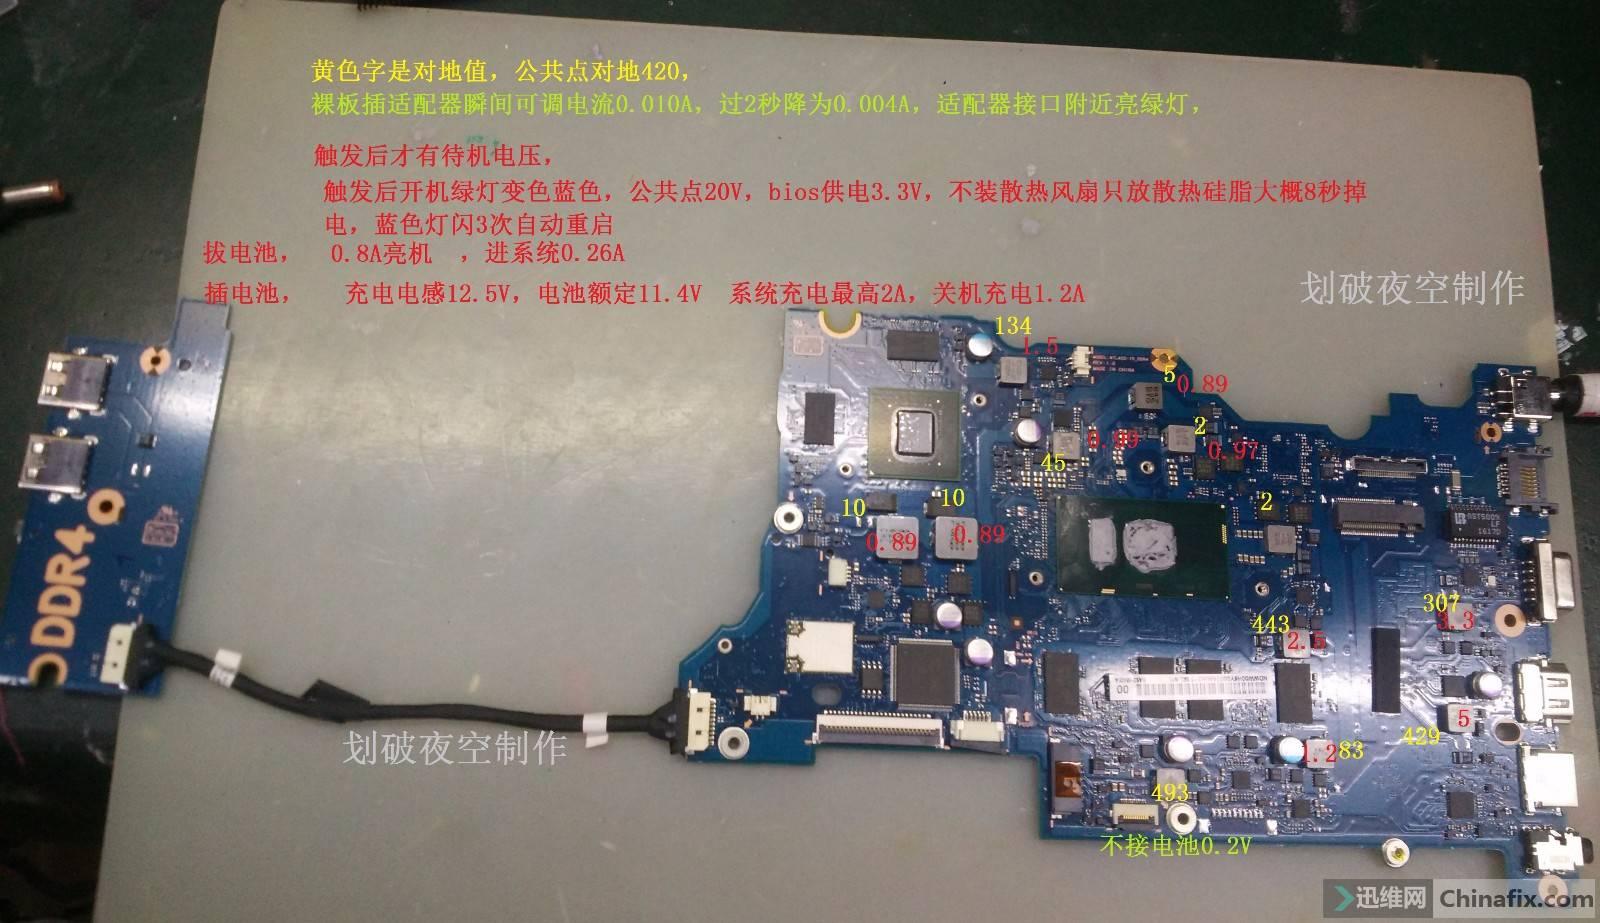 三星板号ba41-02502a对地值 电压 电流标识纸.jpg